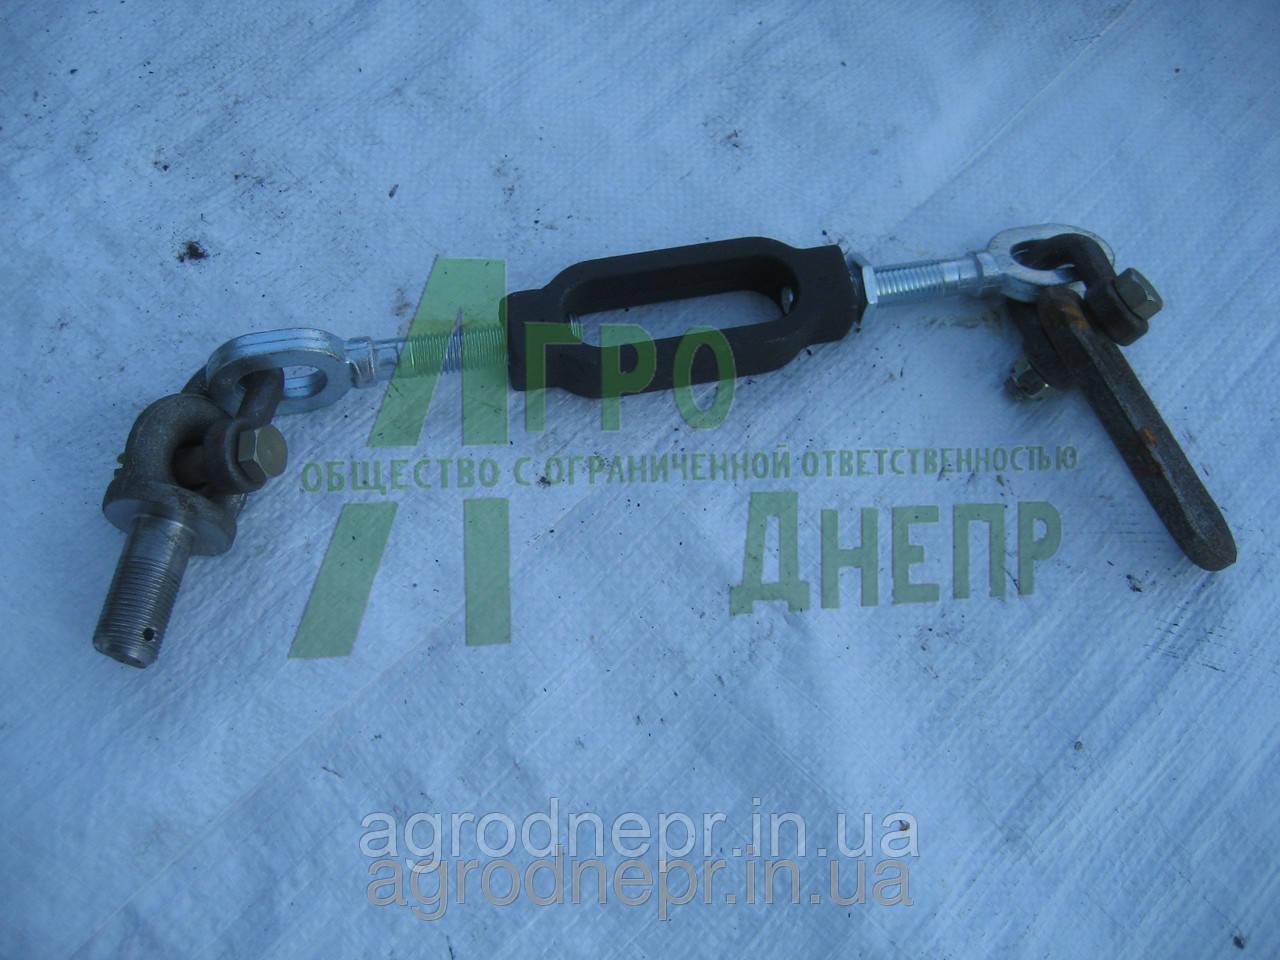 Стяжка правая механизма задней навески ЮМЗ 45-4605065-03 СБ